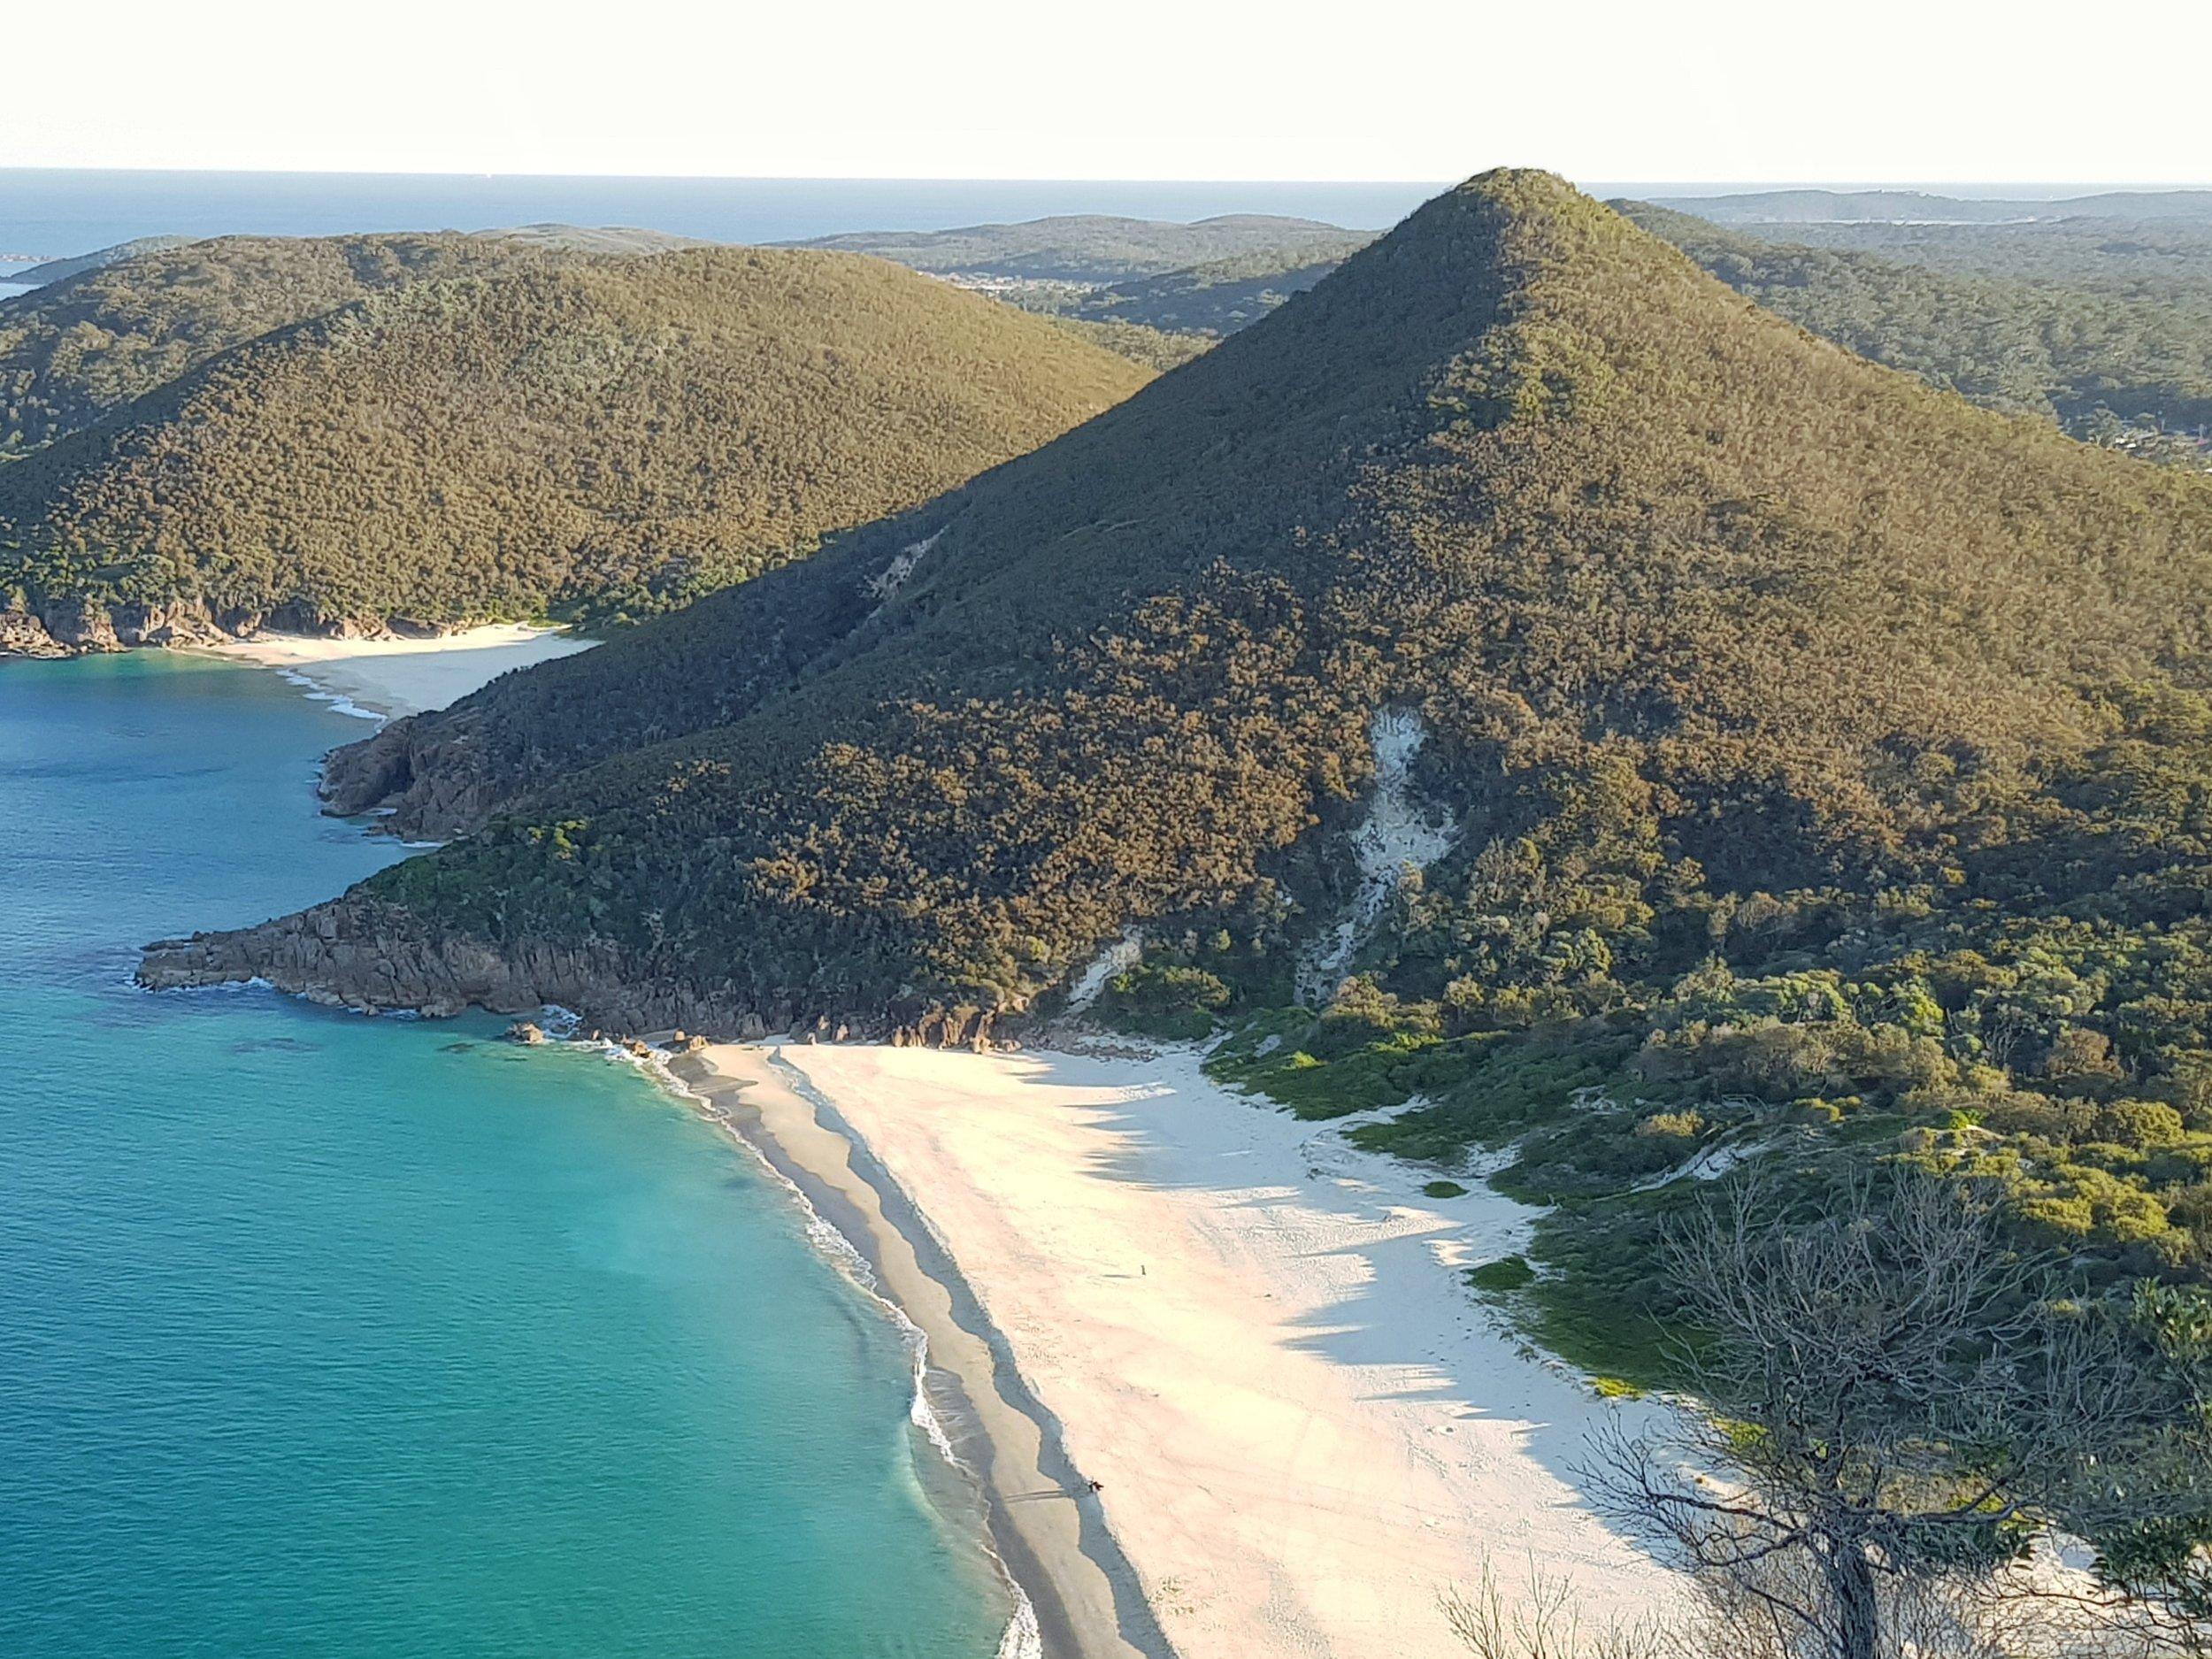 free-stock-photo_example-australia-beach-mountain.jpg